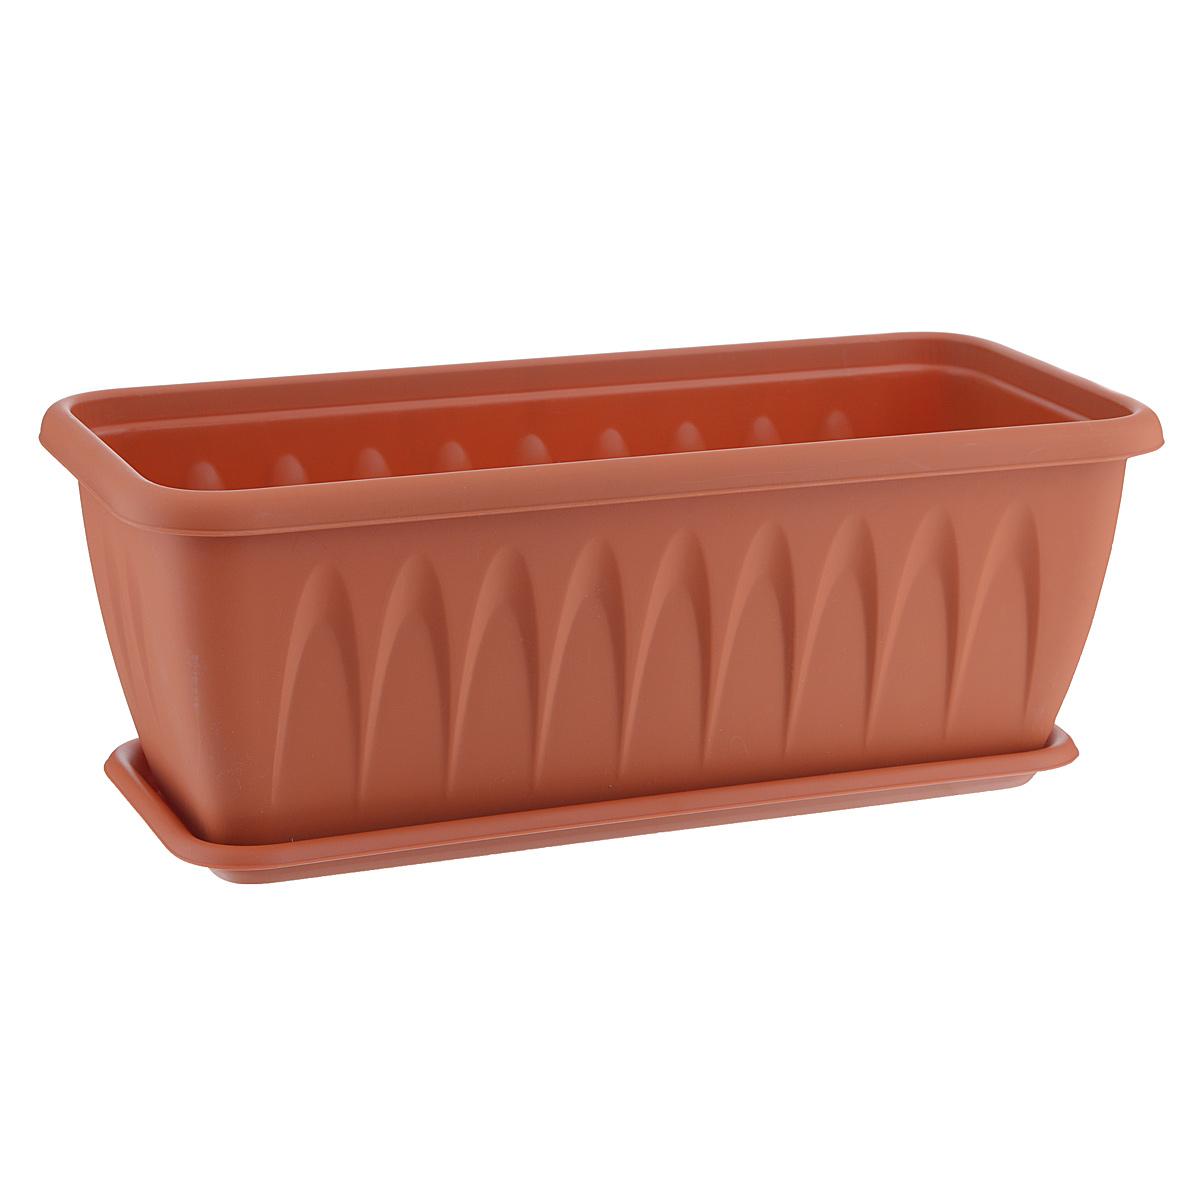 Балконный ящик Idea Алиция, с поддоном, 40 х 18 смZ-0307Балконный ящик Idea Алиция изготовлен из прочного полипропилена (пластика). Снабжен поддоном для стока воды. Изделие прекрасно подходит для выращивания рассады, растений и цветов в домашних условиях.